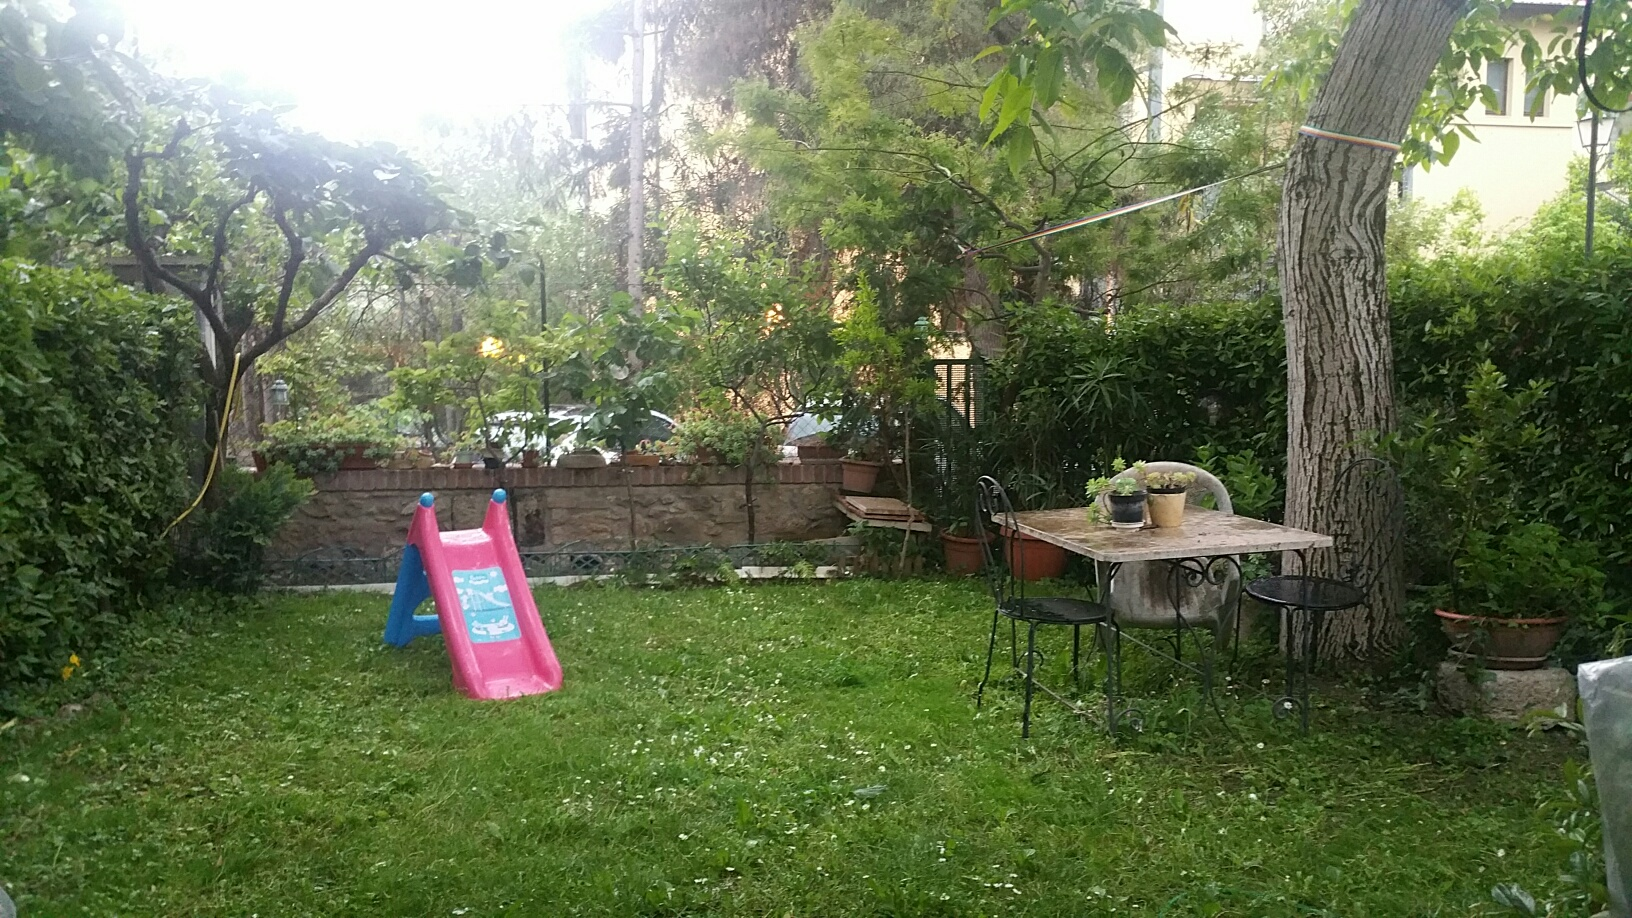 Appartamento in vendita a Ascoli Piceno, 5 locali, zona Zona: Piazzarola, prezzo € 320.000 | Cambio Casa.it